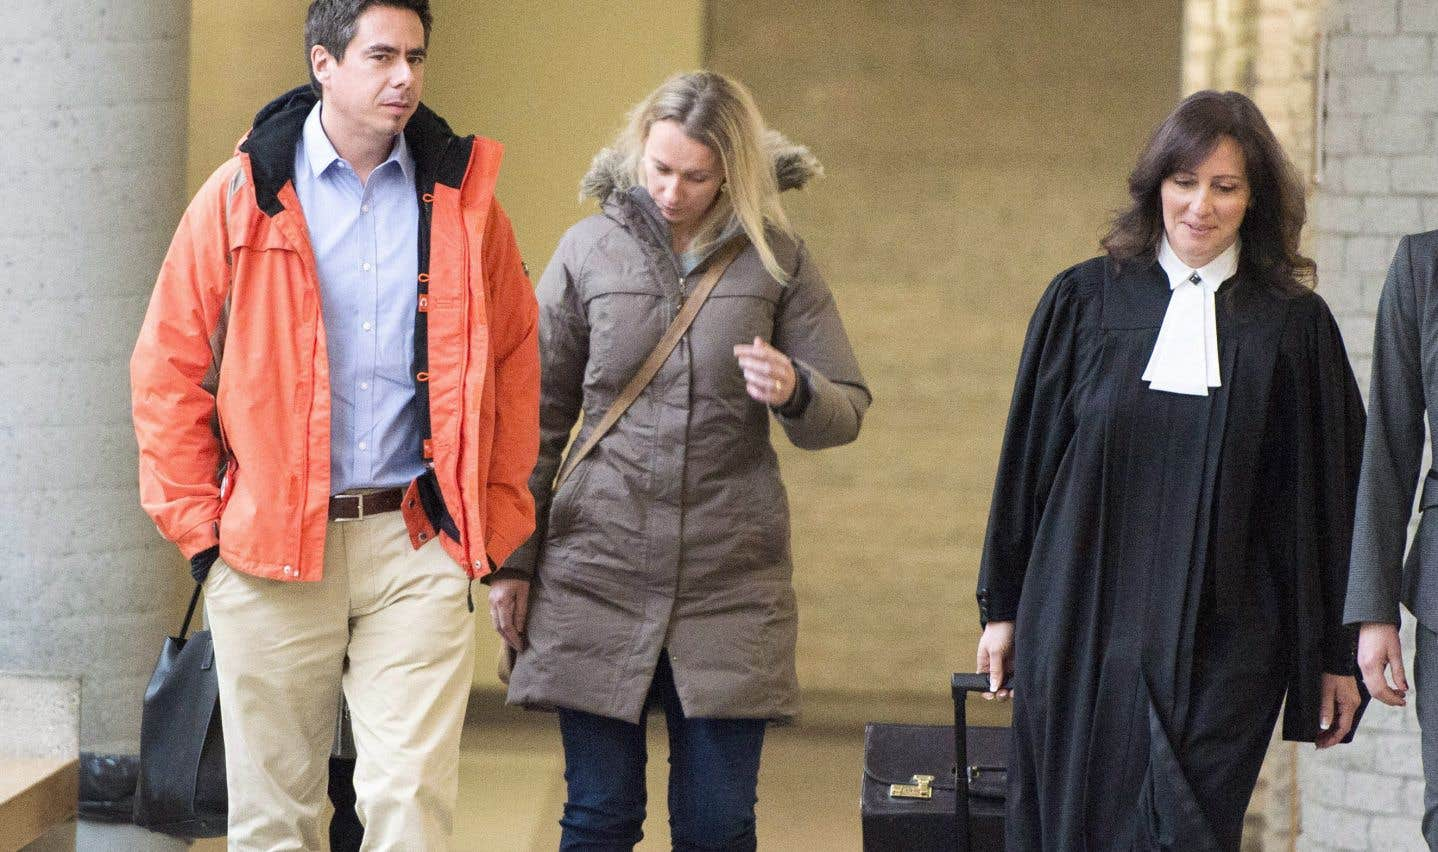 Les parents de Vanessa, Magdalena et Bernard Biron, quittent la salle d'audience, accompagnés de la procureure de la Couronne, Me Claudie Gilbert.